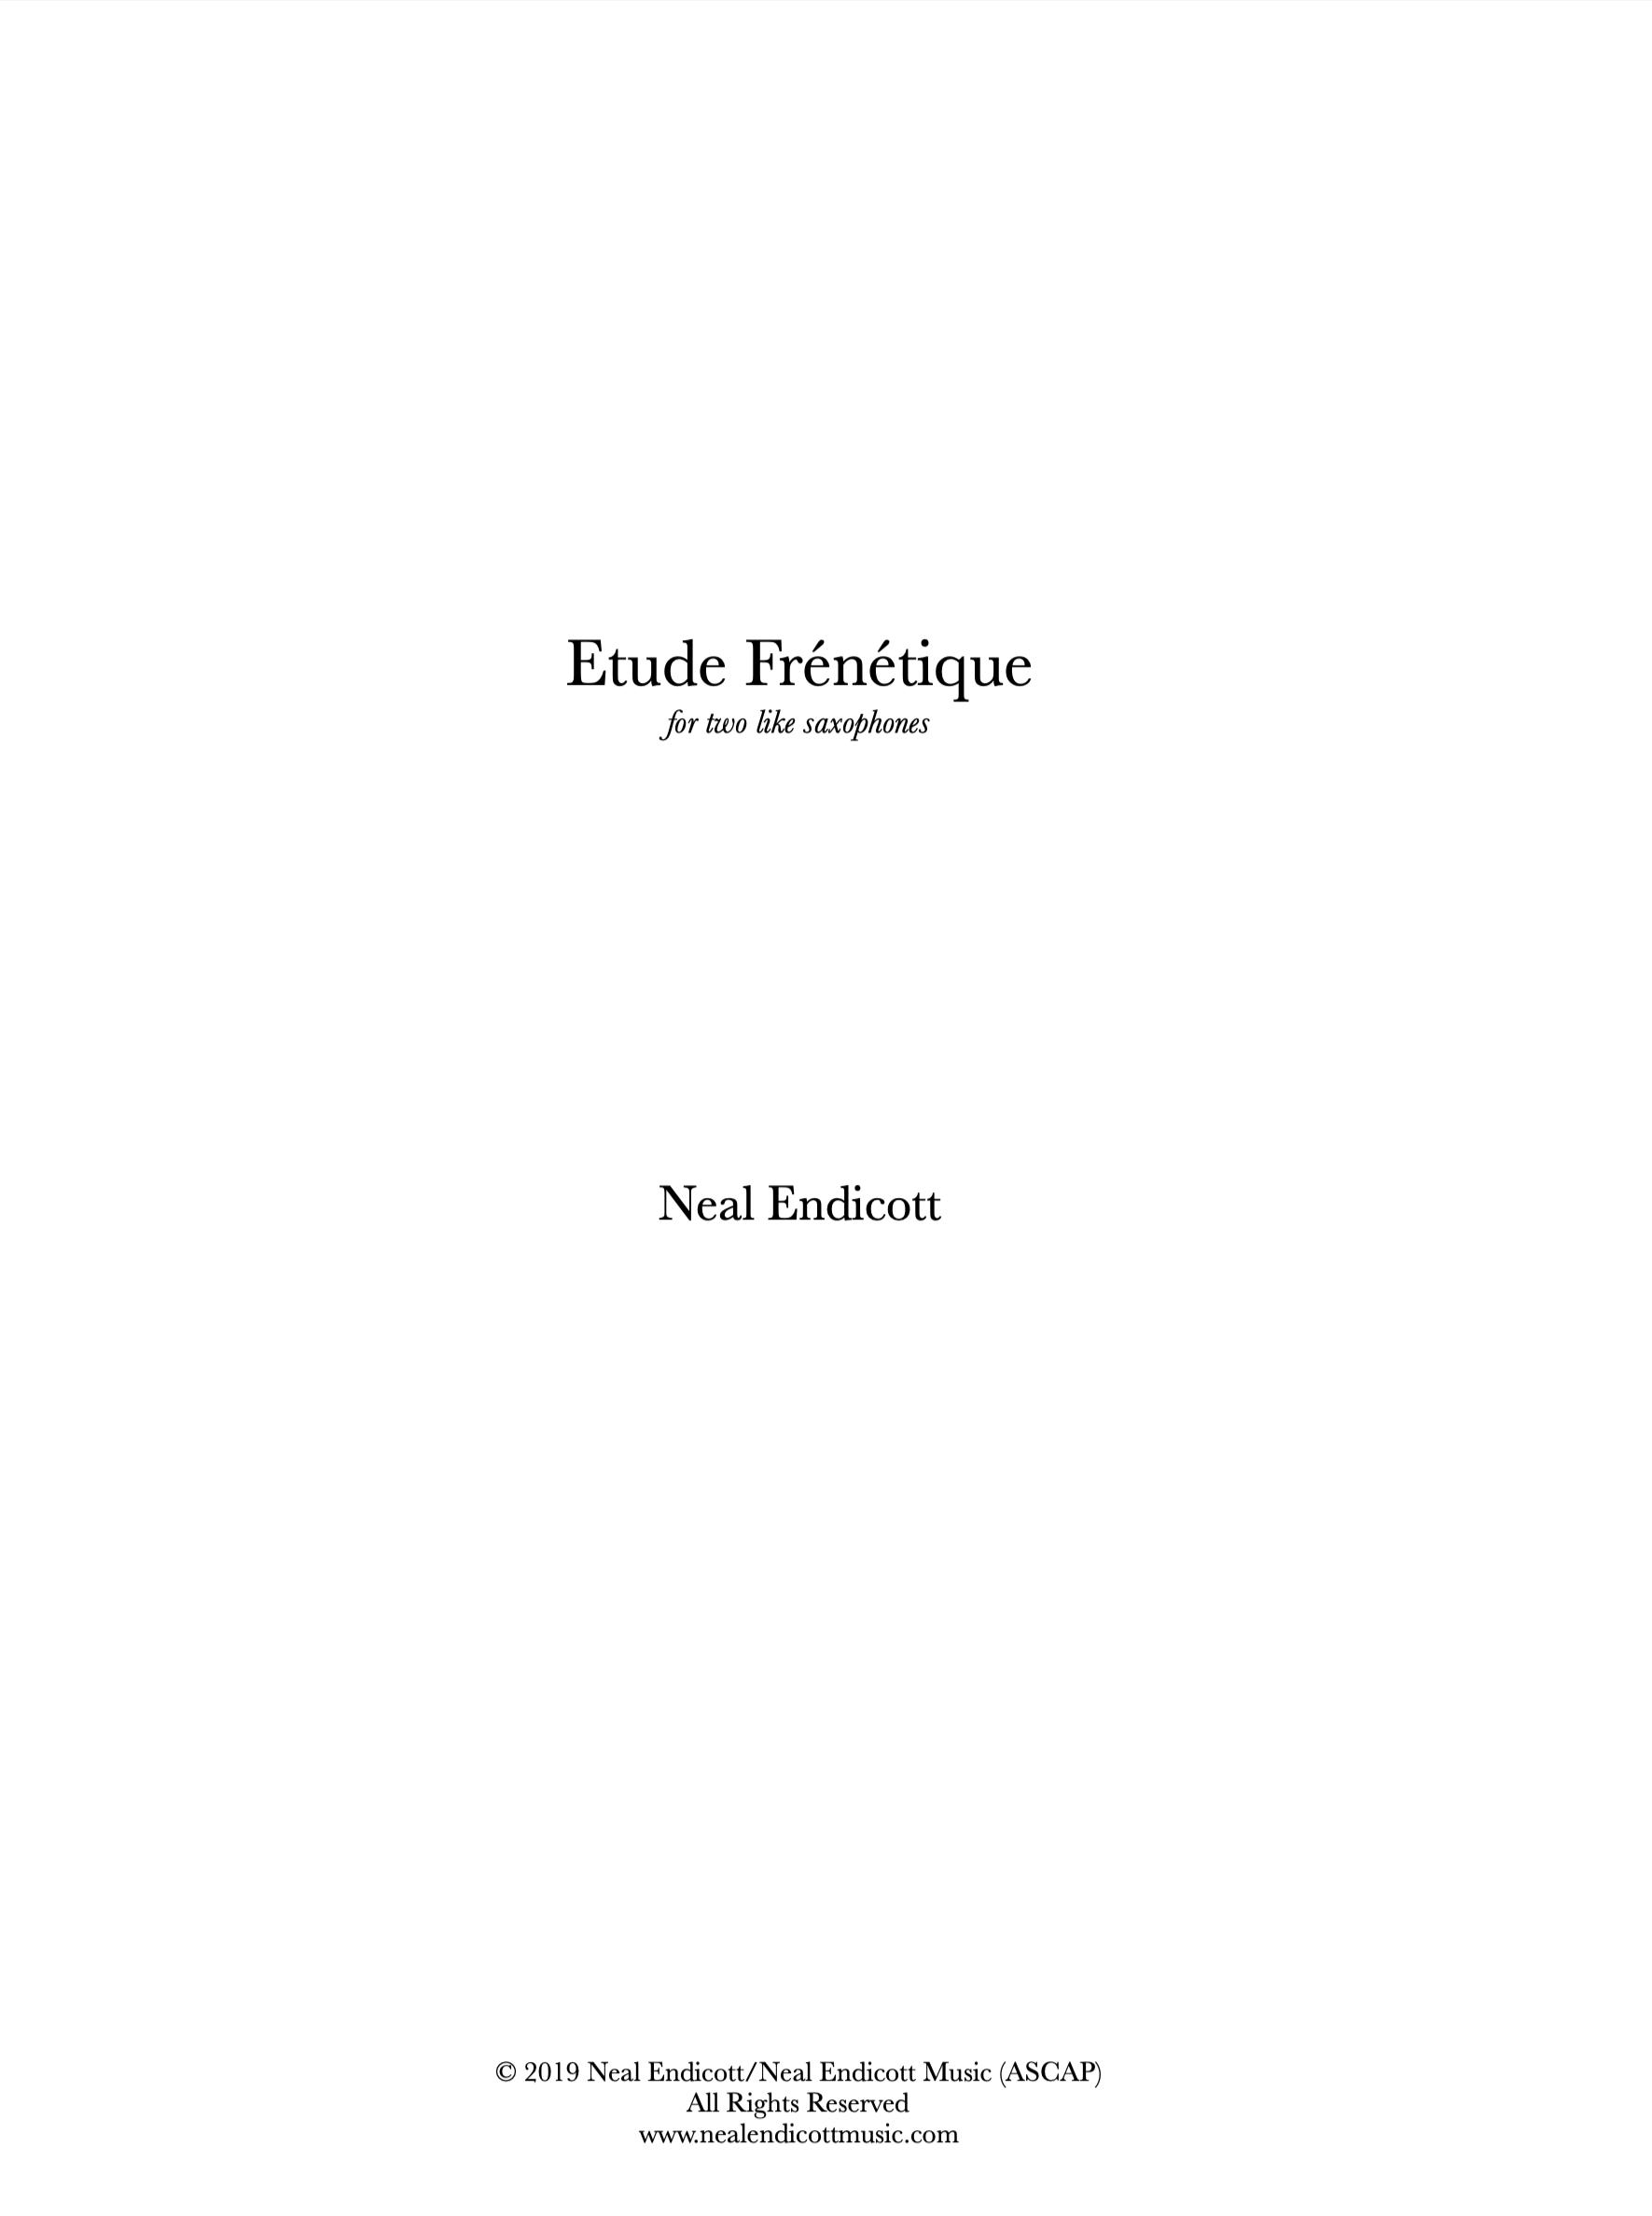 Etude Frénétique by Neal Endicott